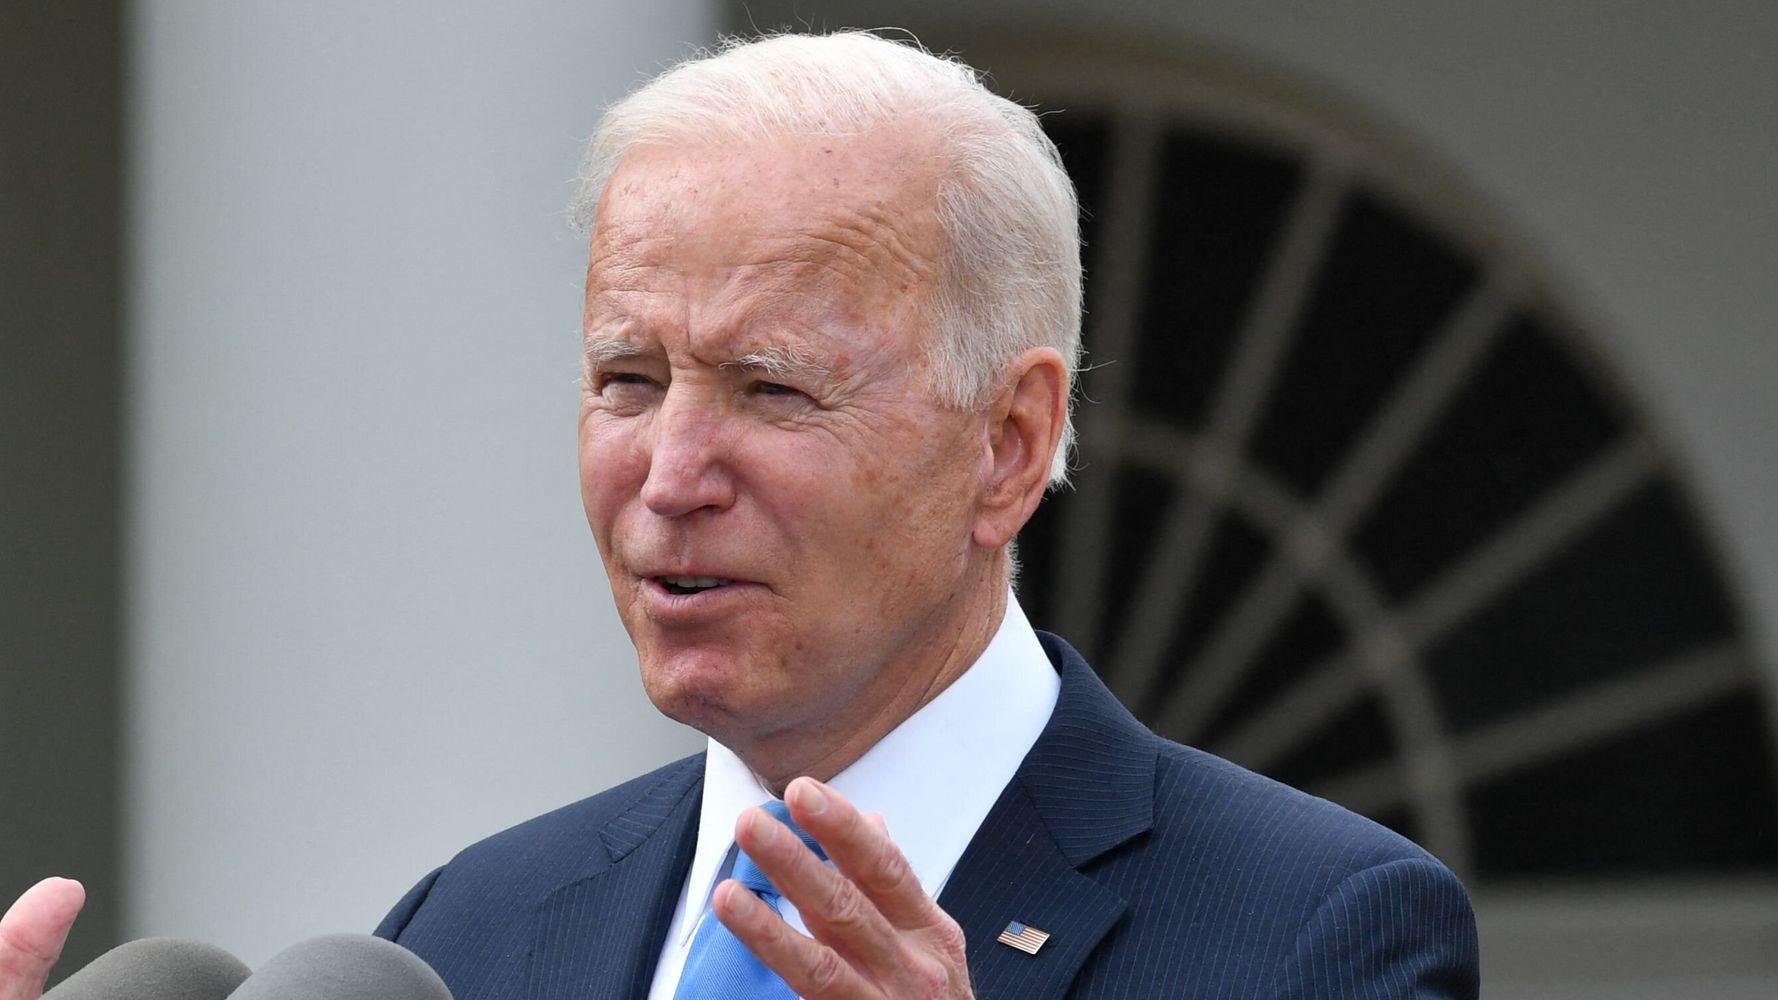 Joe Biden Cancels Donald Trump's Planned 'National Garden of American Heroes'